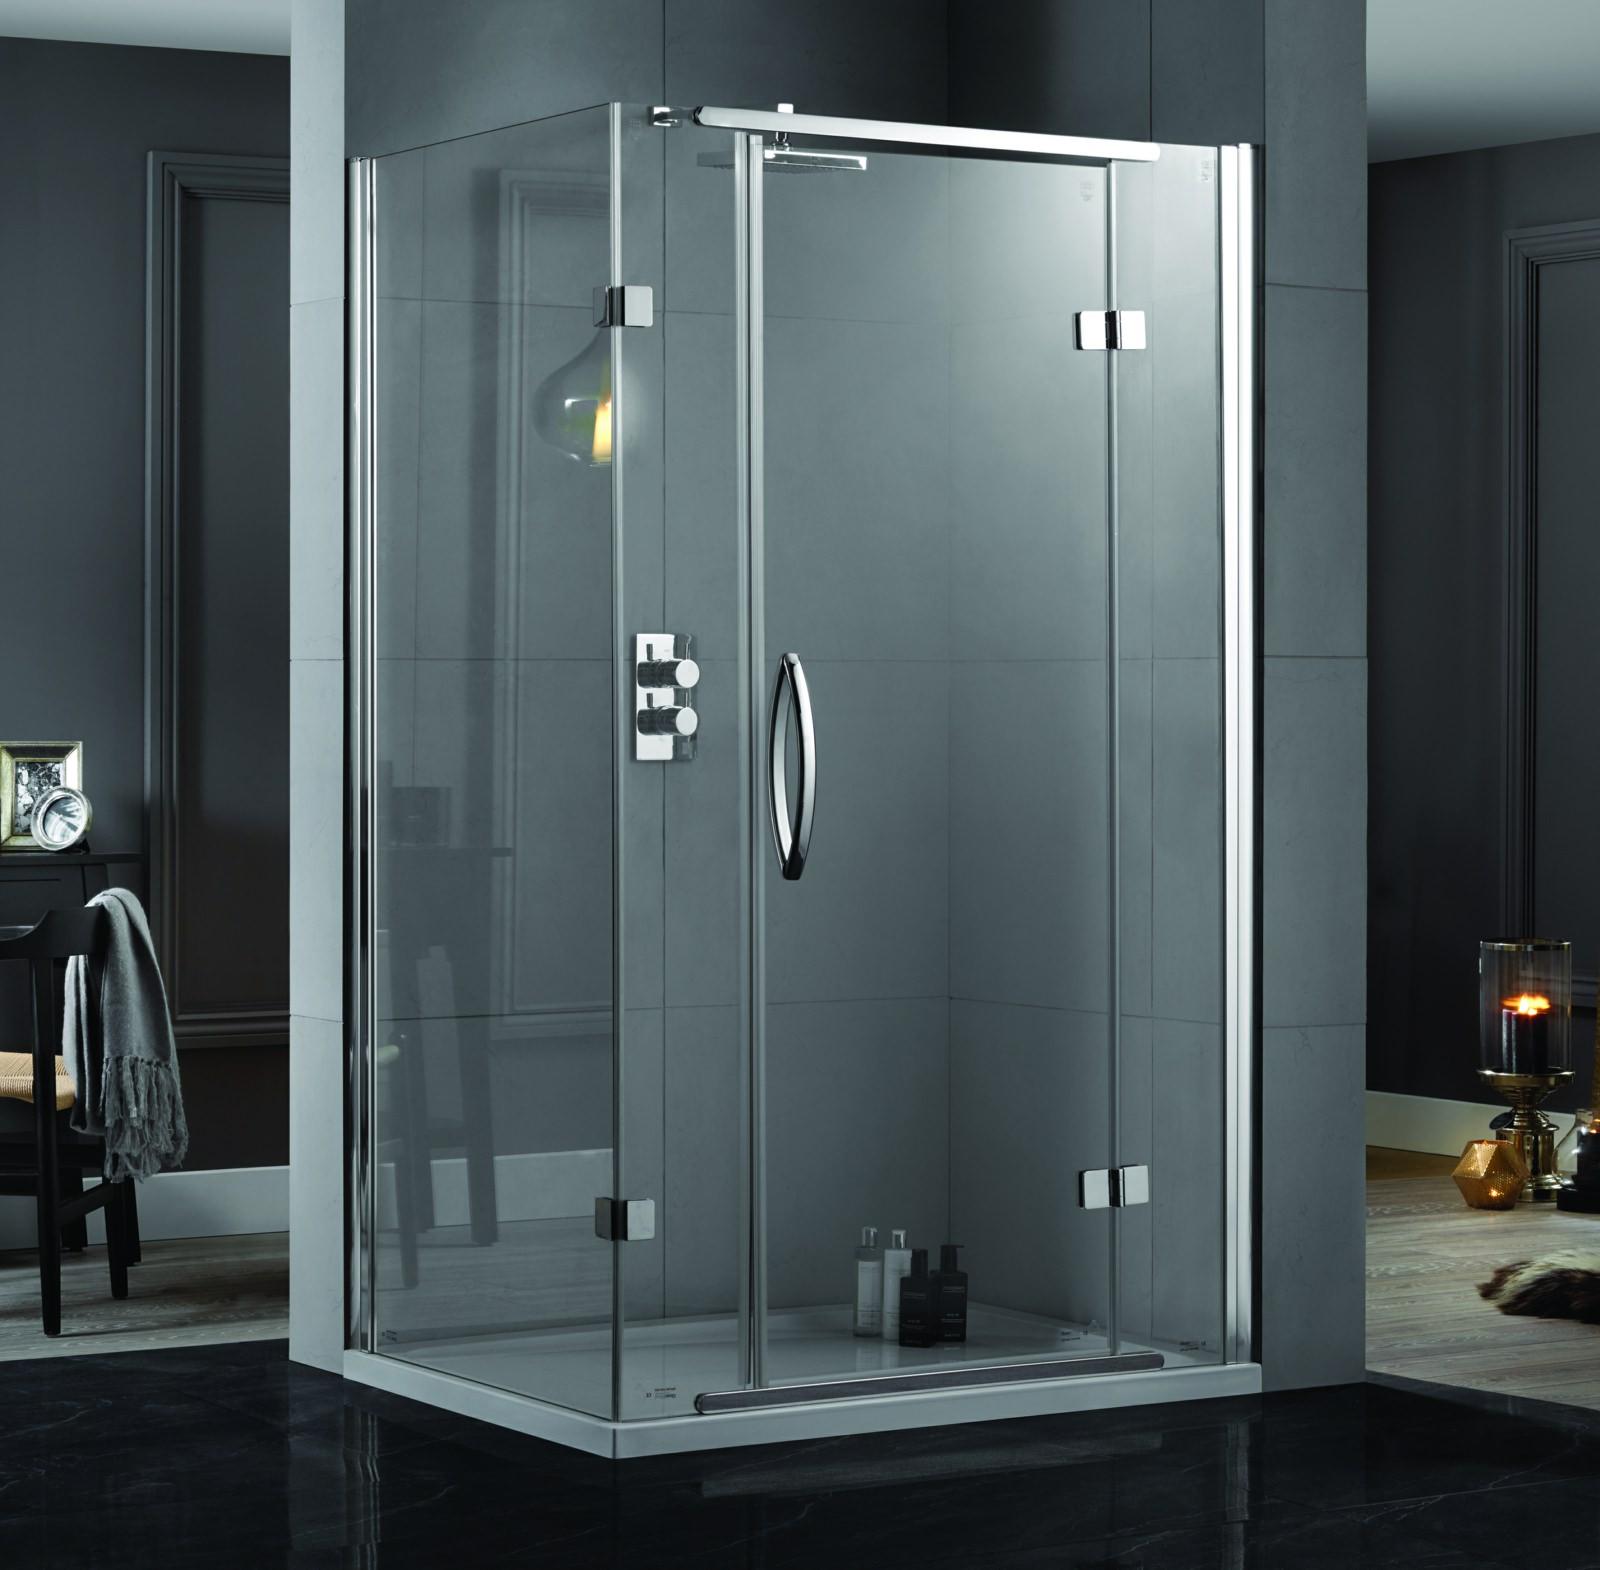 Aquadart Inline 1200 x 900mm 2 Sided Hinged Shower Door